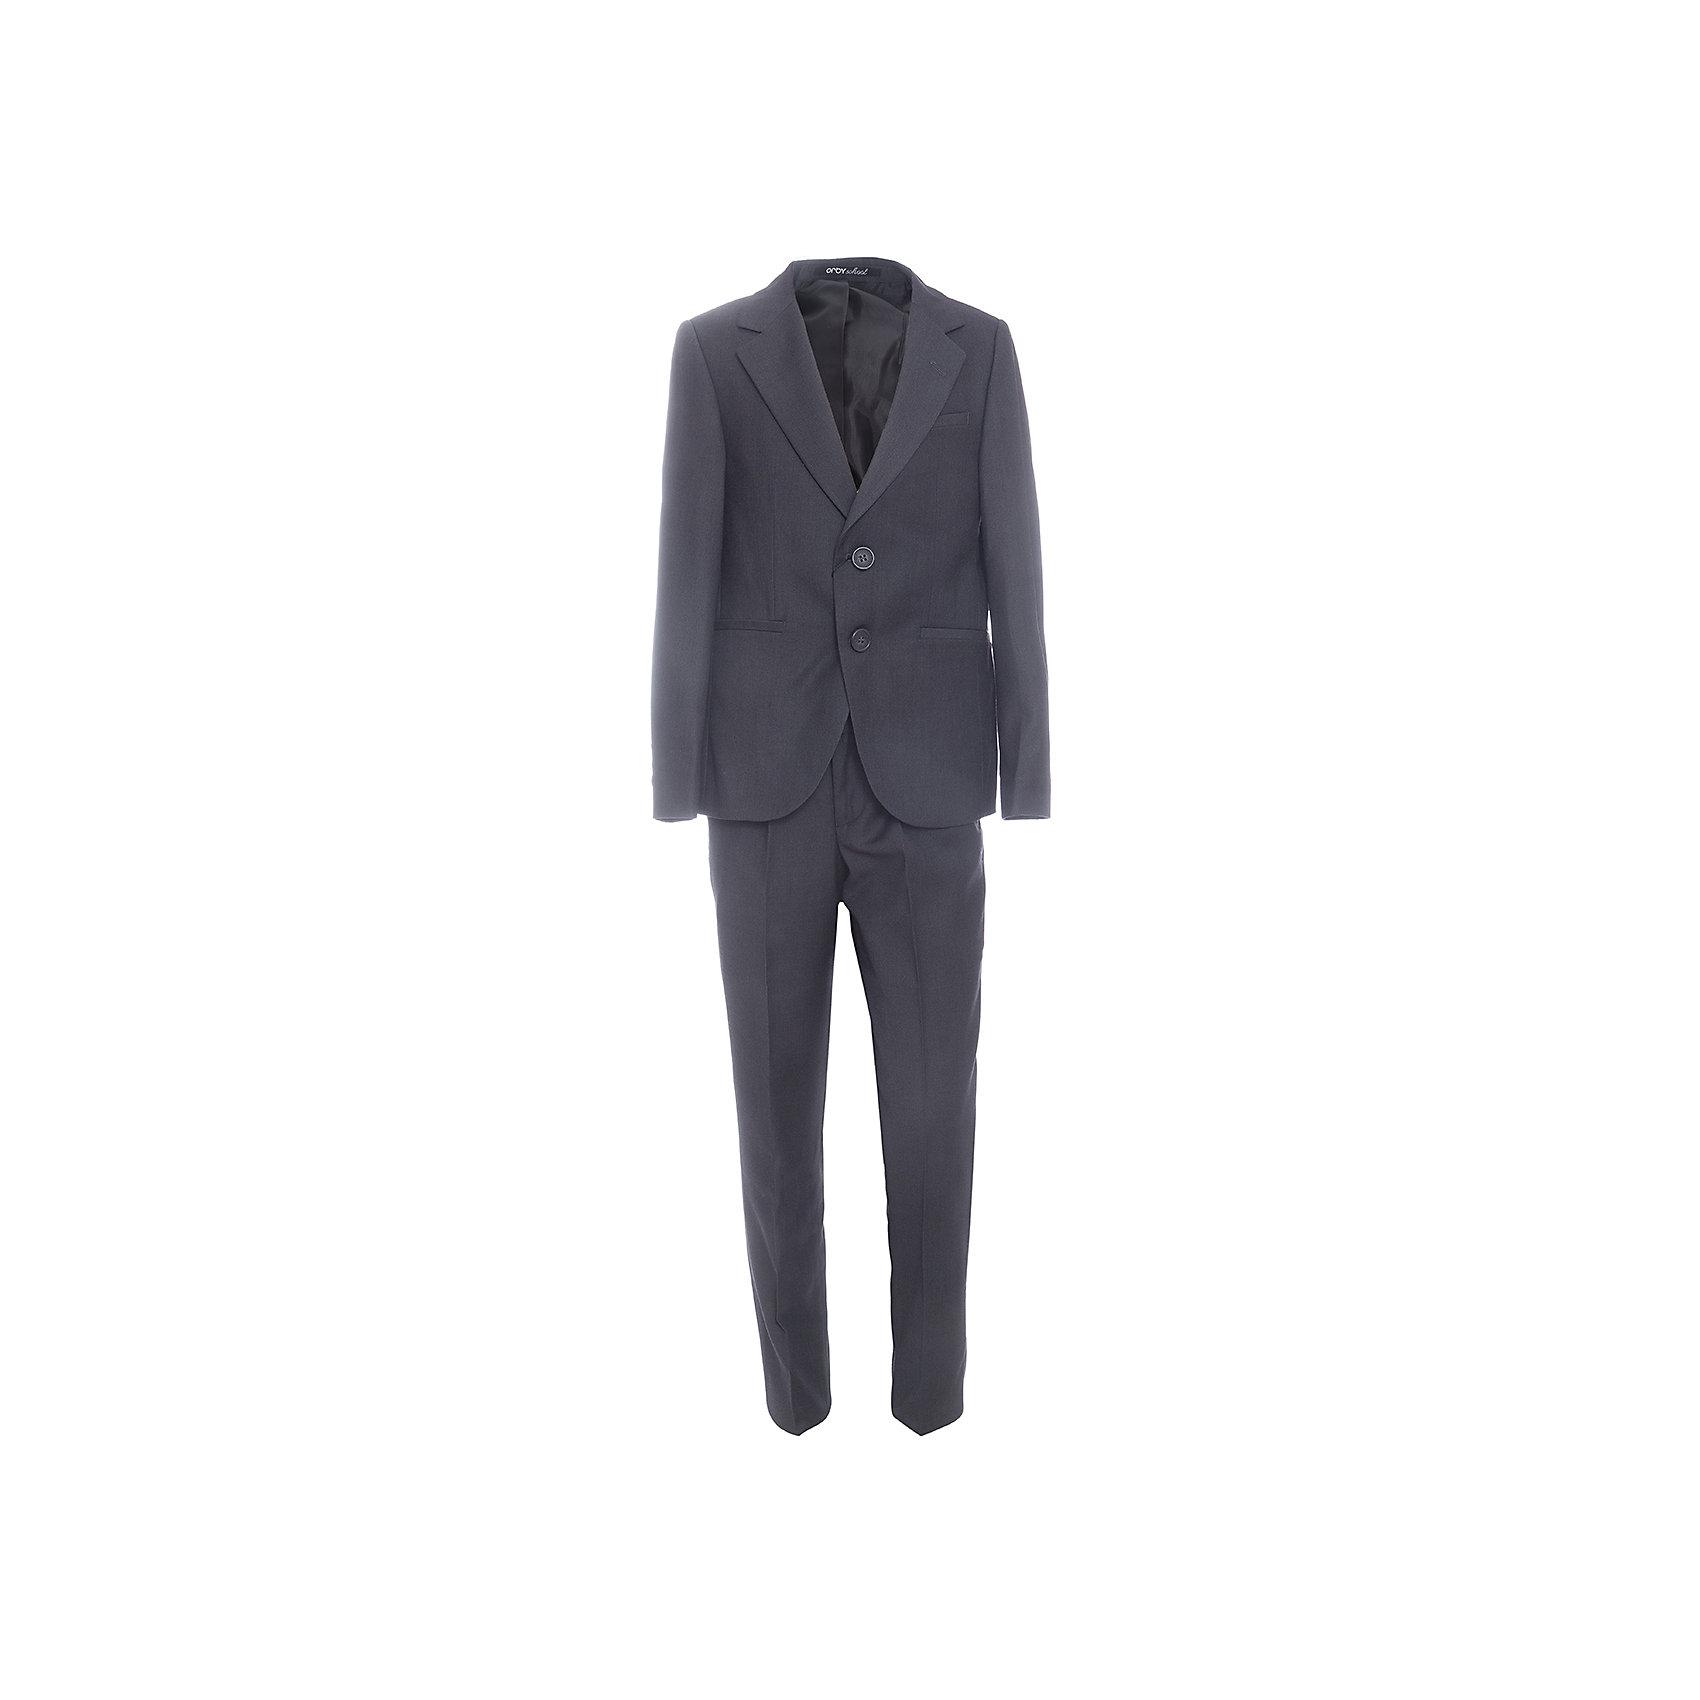 Комплект: пиджак и брюки для мальчика OrbyПиджаки и костюмы<br>Характеристики товара:<br><br>• цвет: серый<br>• состав ткани: 70 % ПЭ, 30% вискоза<br>• комплектация: пиджак, брюки<br>• особенности: школьная, праздничная<br>• застежка пиджака: пуговицы<br>• застежка брюк: молния<br>• регулируемая талия брюк<br>• шлевки для ремня<br>• сезон: круглый год<br>• страна бренда: Россия<br>• страна изготовитель: Россия<br><br>Костюм классического кроя  Orby для мальчика - отличный вариант практичной и стильной школьной одежды. <br><br>Детский костюм-двойка поможет ребенку выглядеть стильно и соответствовать школьному дресс-коду.<br><br>Комплект: пиджак и брюки для мальчика Orby (Орби) можно купить в нашем интернет-магазине.<br><br>Ширина мм: 215<br>Глубина мм: 88<br>Высота мм: 191<br>Вес г: 336<br>Цвет: серый<br>Возраст от месяцев: 72<br>Возраст до месяцев: 84<br>Пол: Мужской<br>Возраст: Детский<br>Размер: 122,128,134,140,146,152,158,164<br>SKU: 6960939